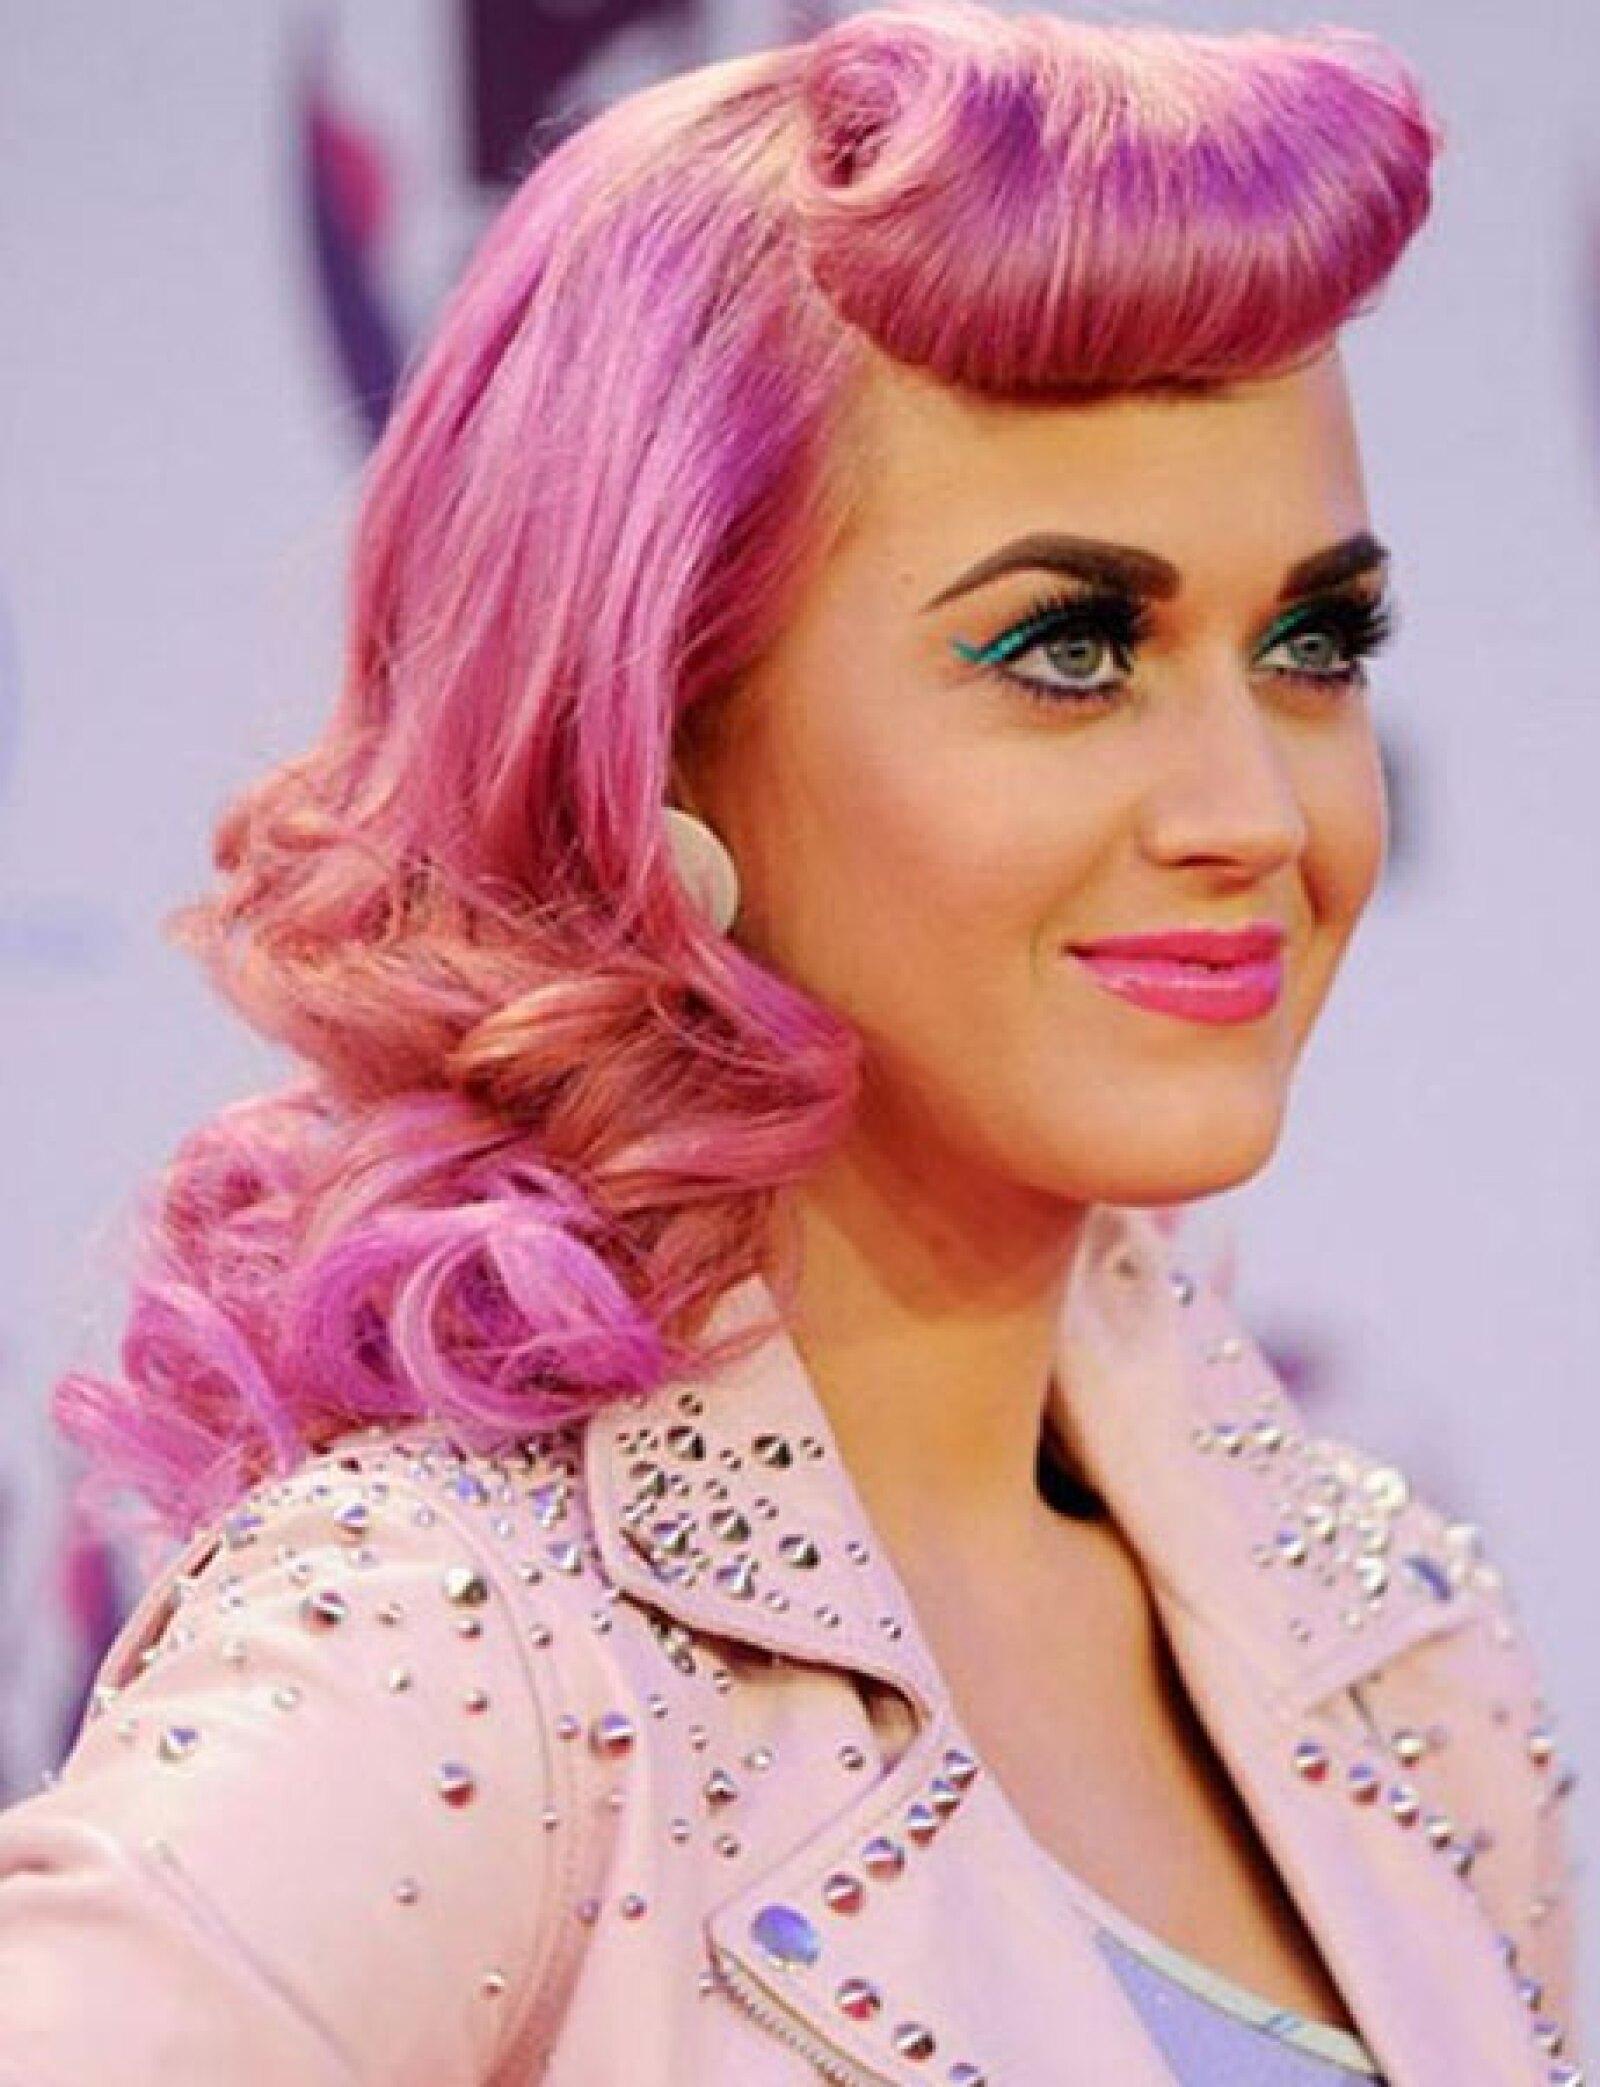 Banging peinados que rejuvenecen a los 50 Imagen de ideas de color de pelo - Se imponen los peinados de los años 50